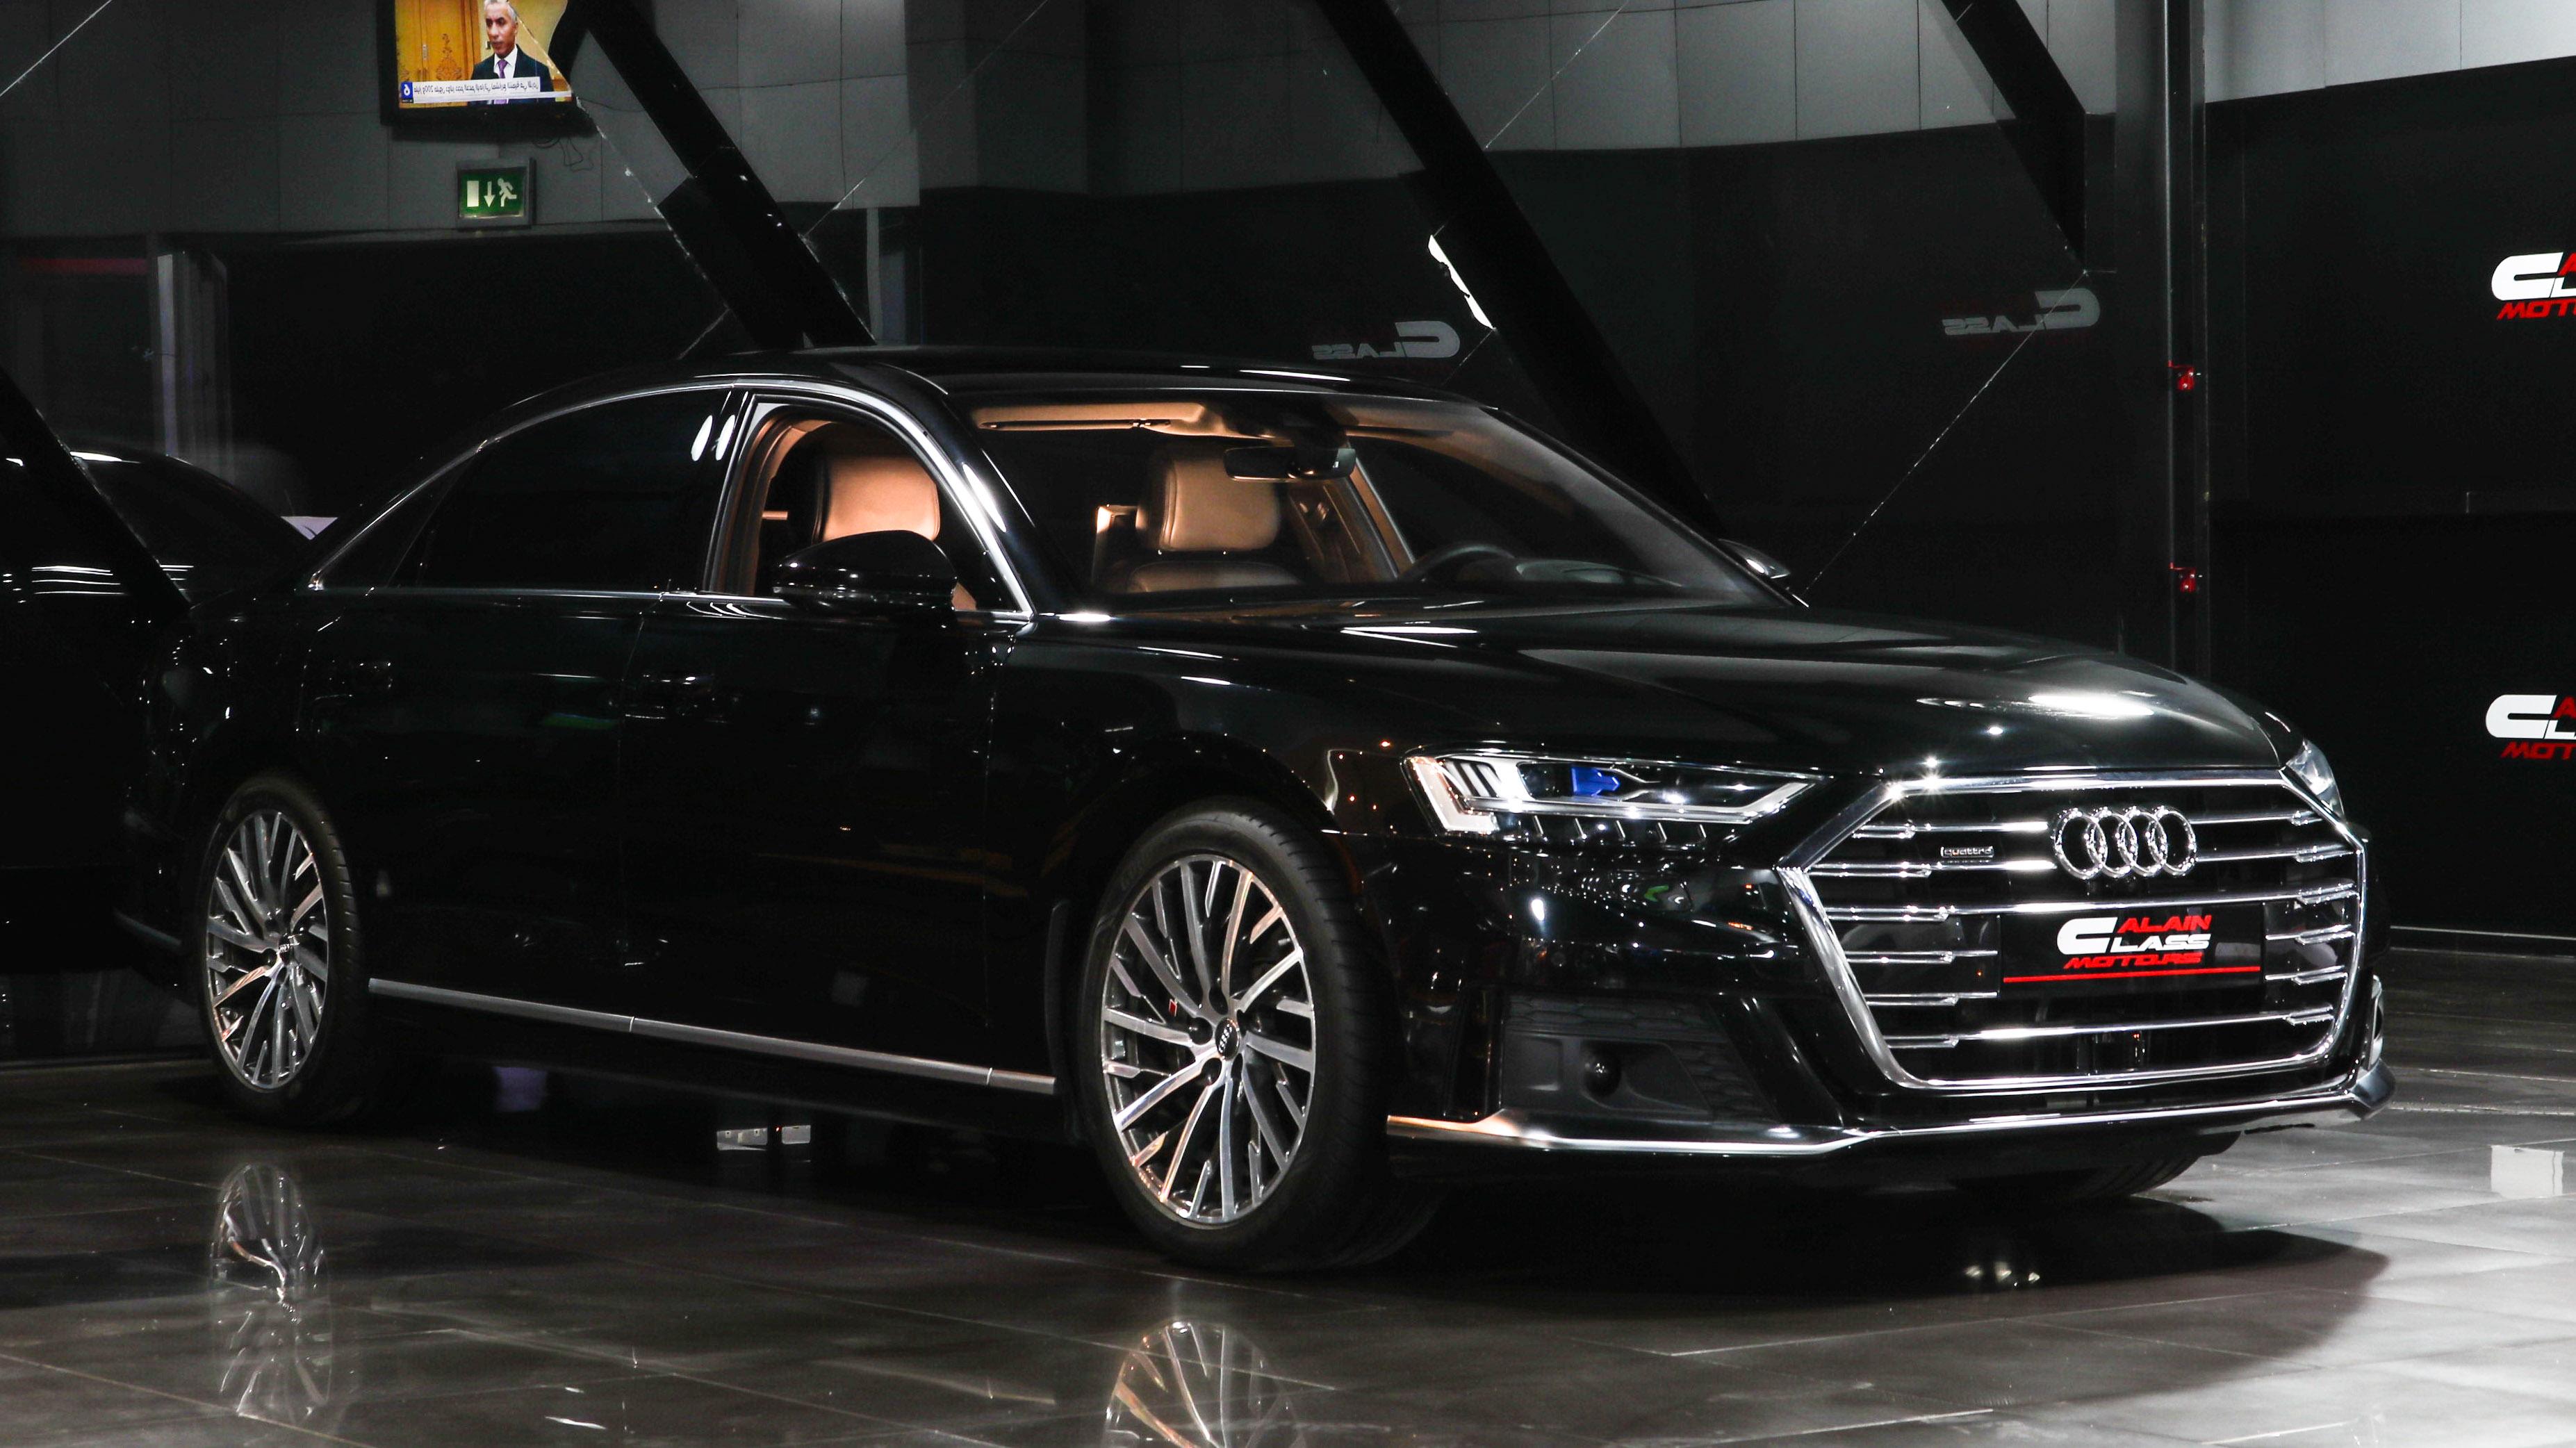 Audi A8L 55 TFSi Quattro